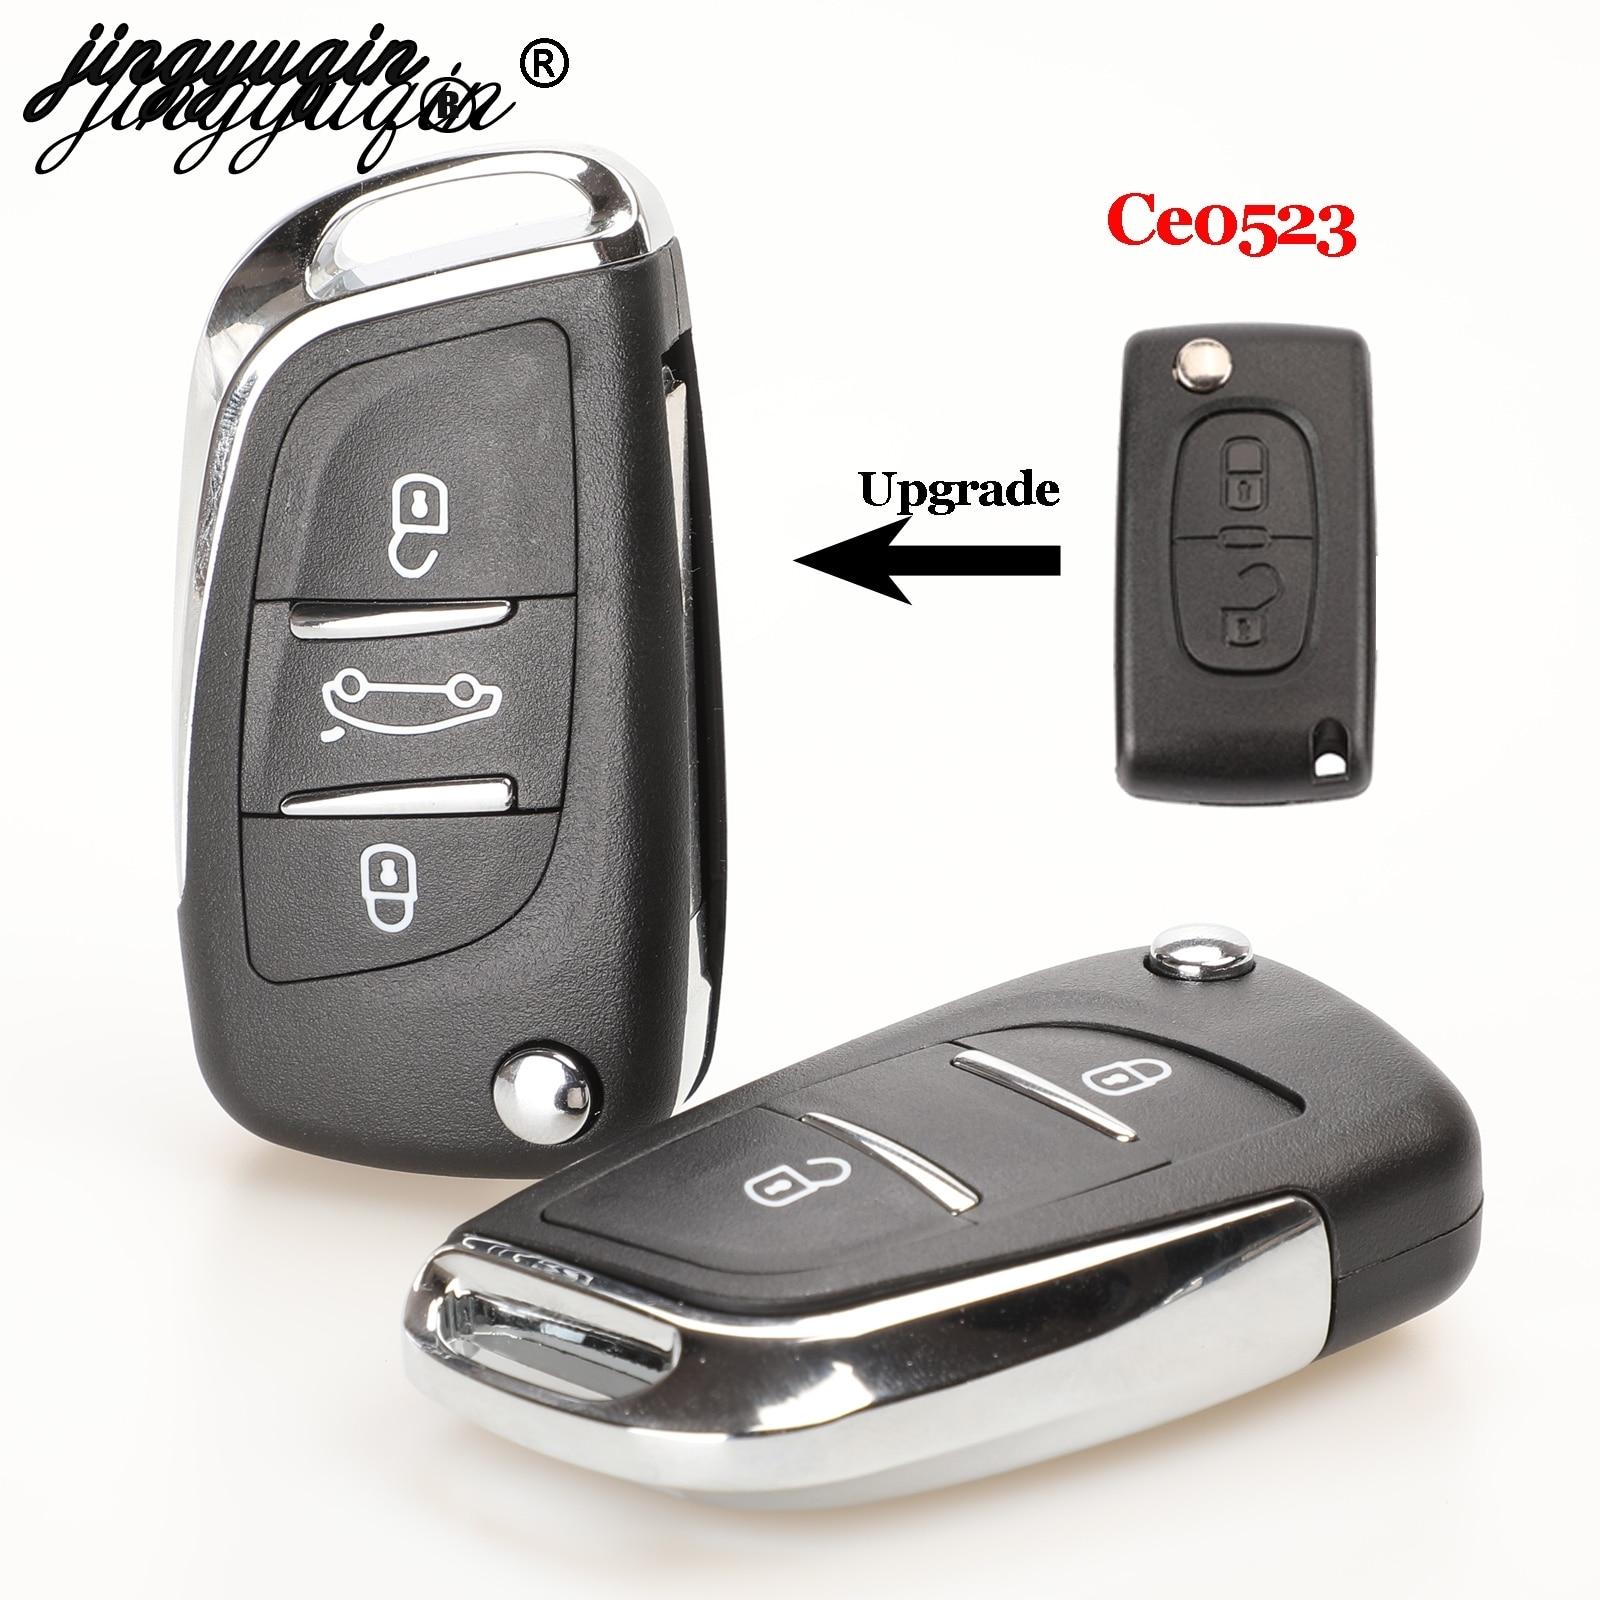 Jingyuqin Ce0523 Moodifend дистанционный Автомобильный ключ для Citroen C5 C4 Coupe VTR C6 C8 C2 Berlingo Xsara Picasso CE0523 VA2/HU83 2/3B